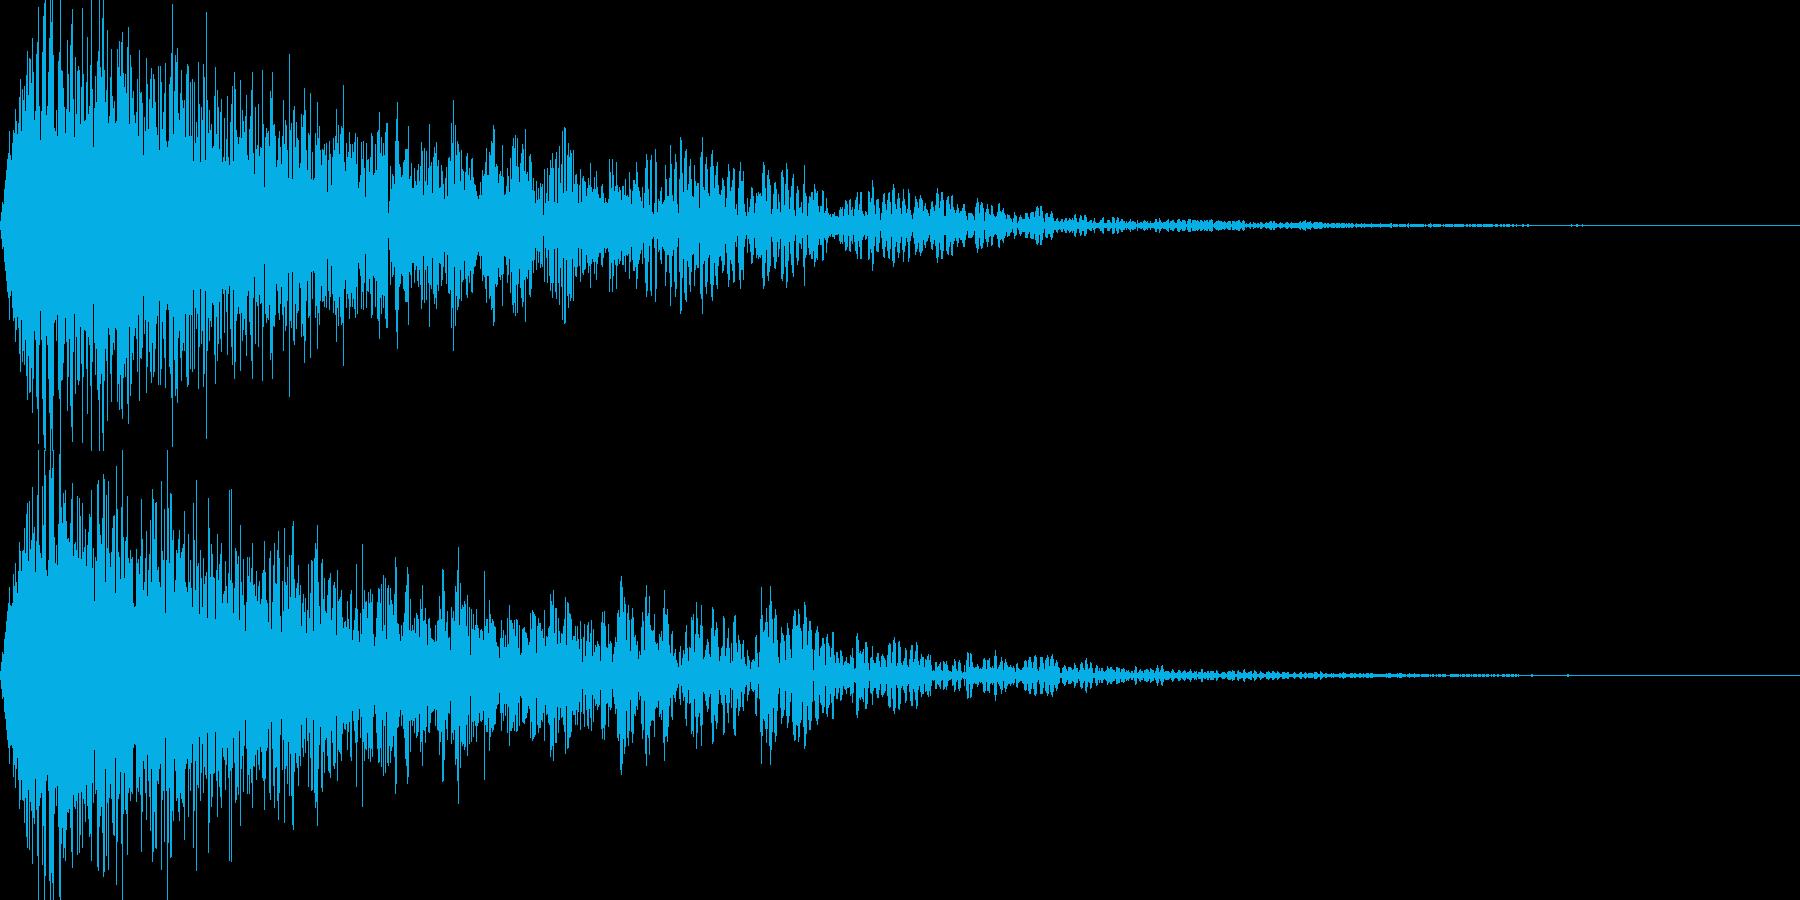 魔法系の太い下降音の再生済みの波形